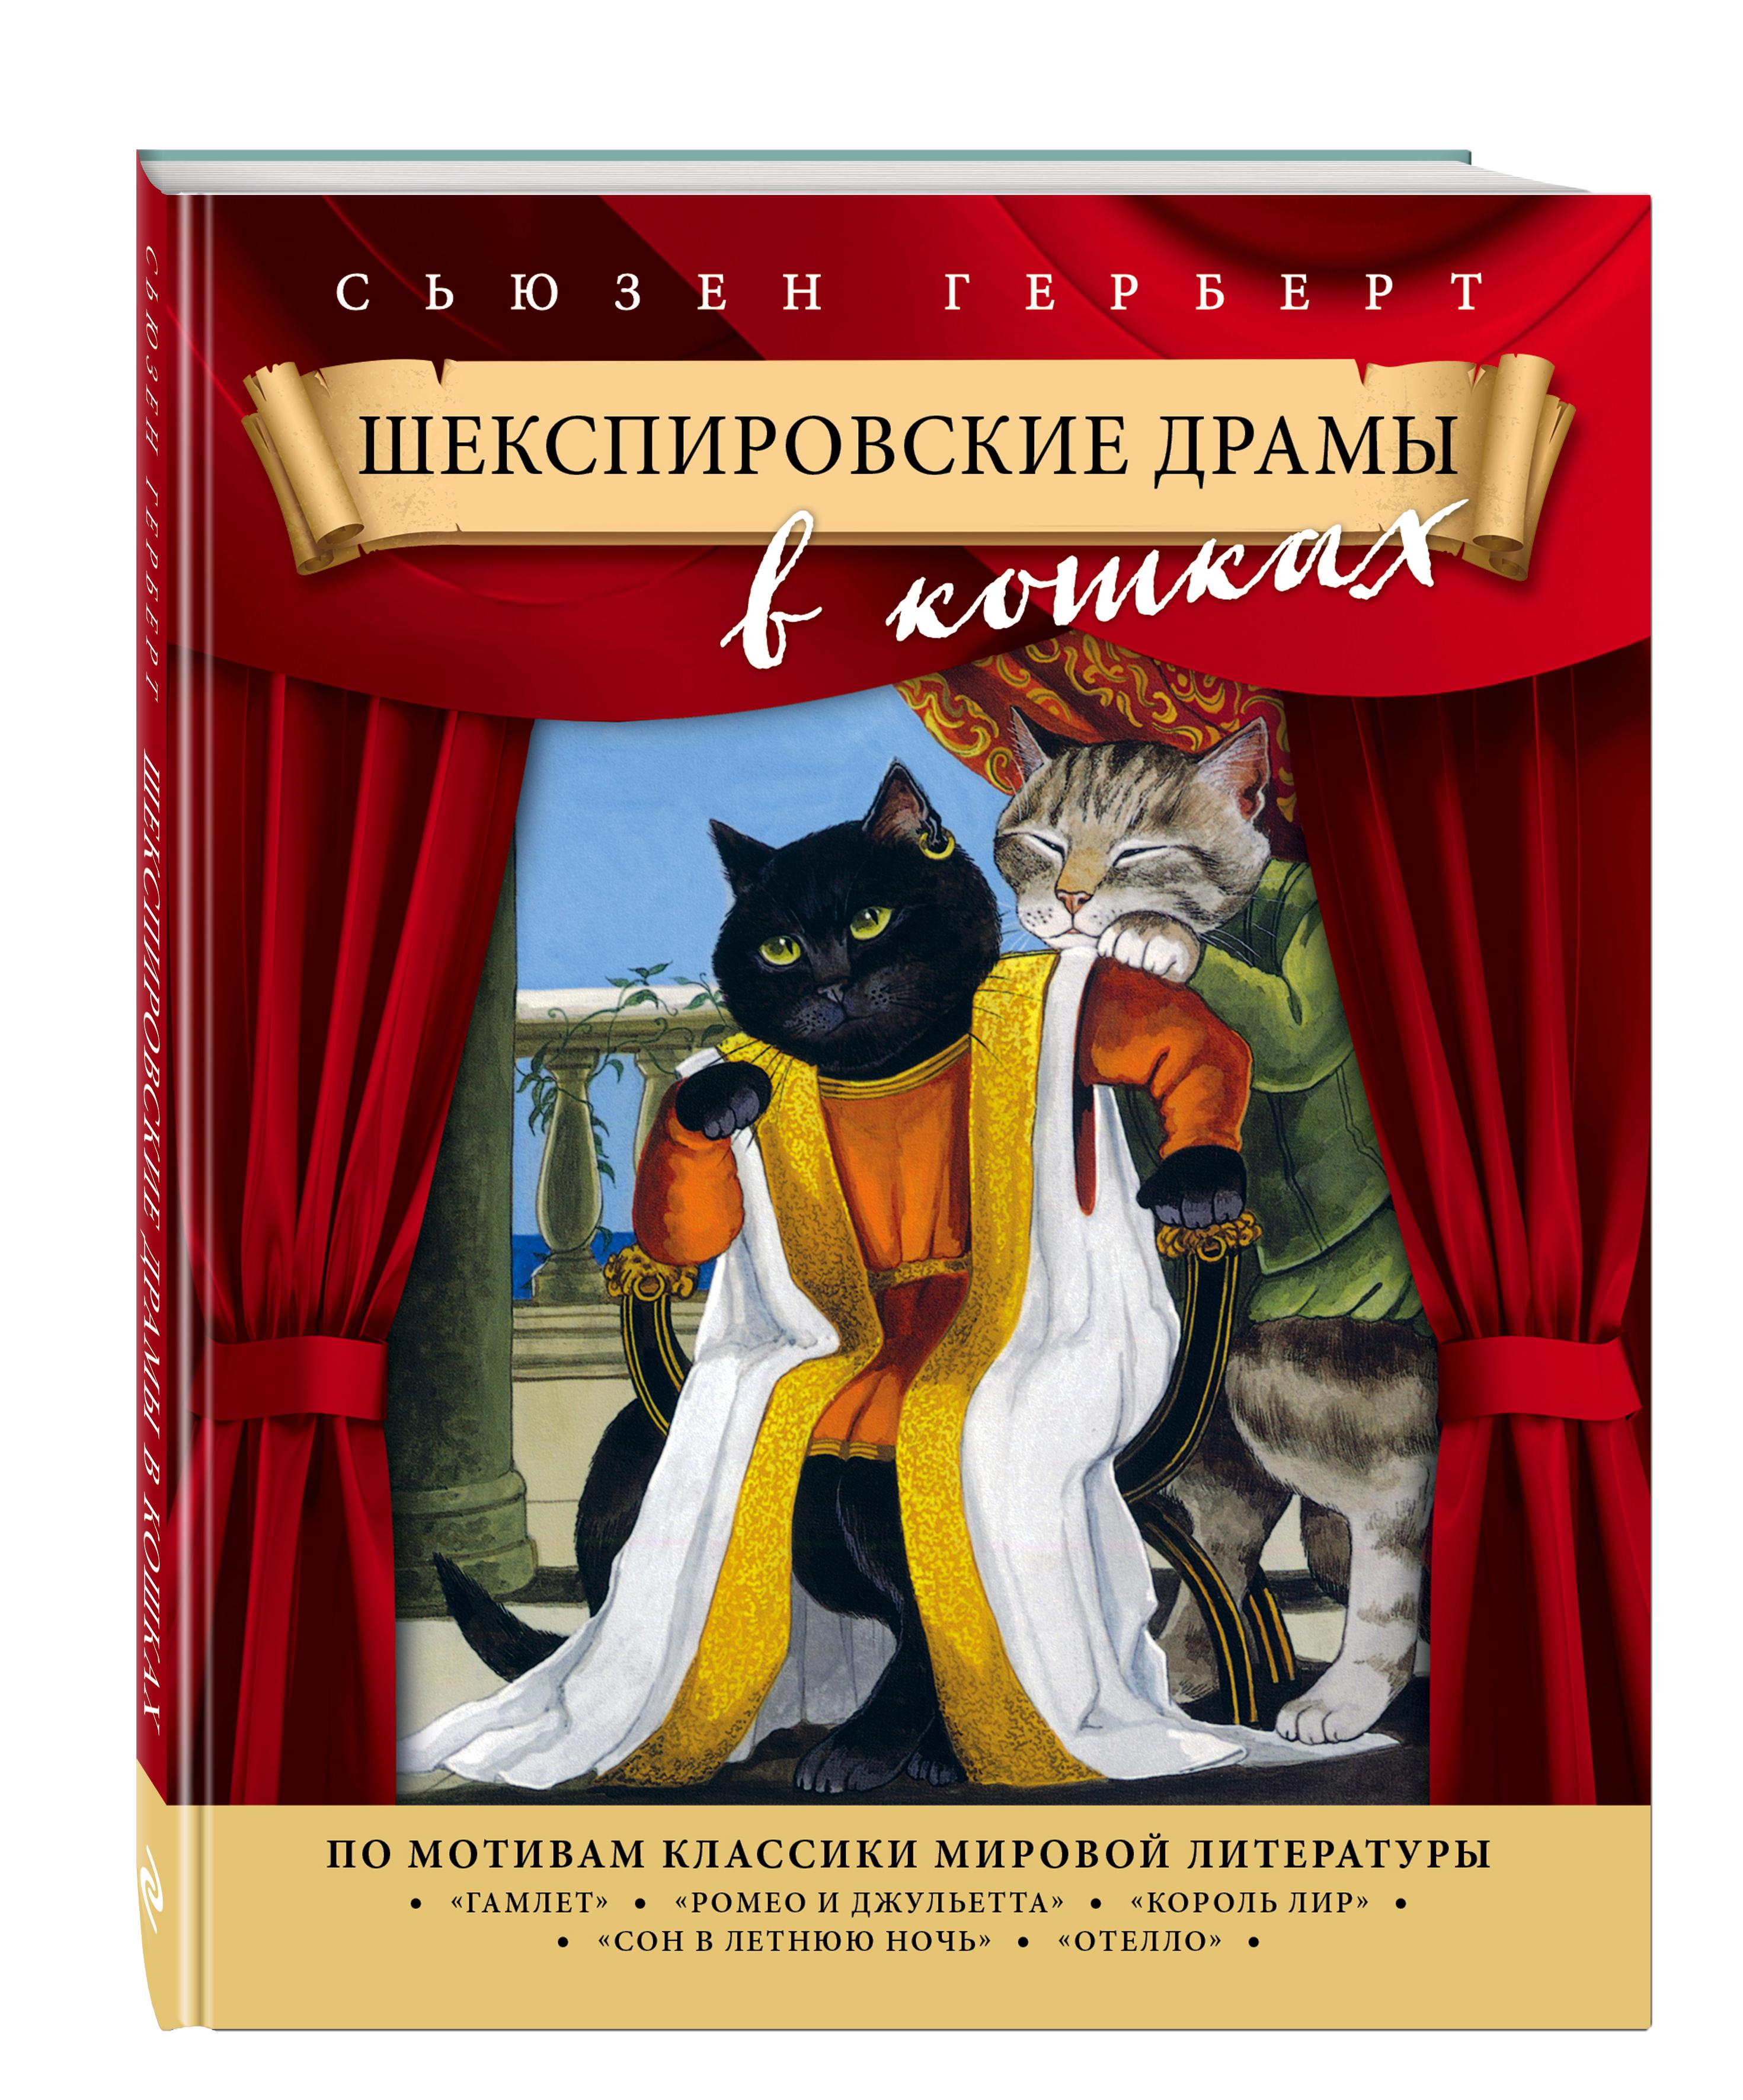 Шекспировские драмы в кошках ( Герберт Сьюзен  )